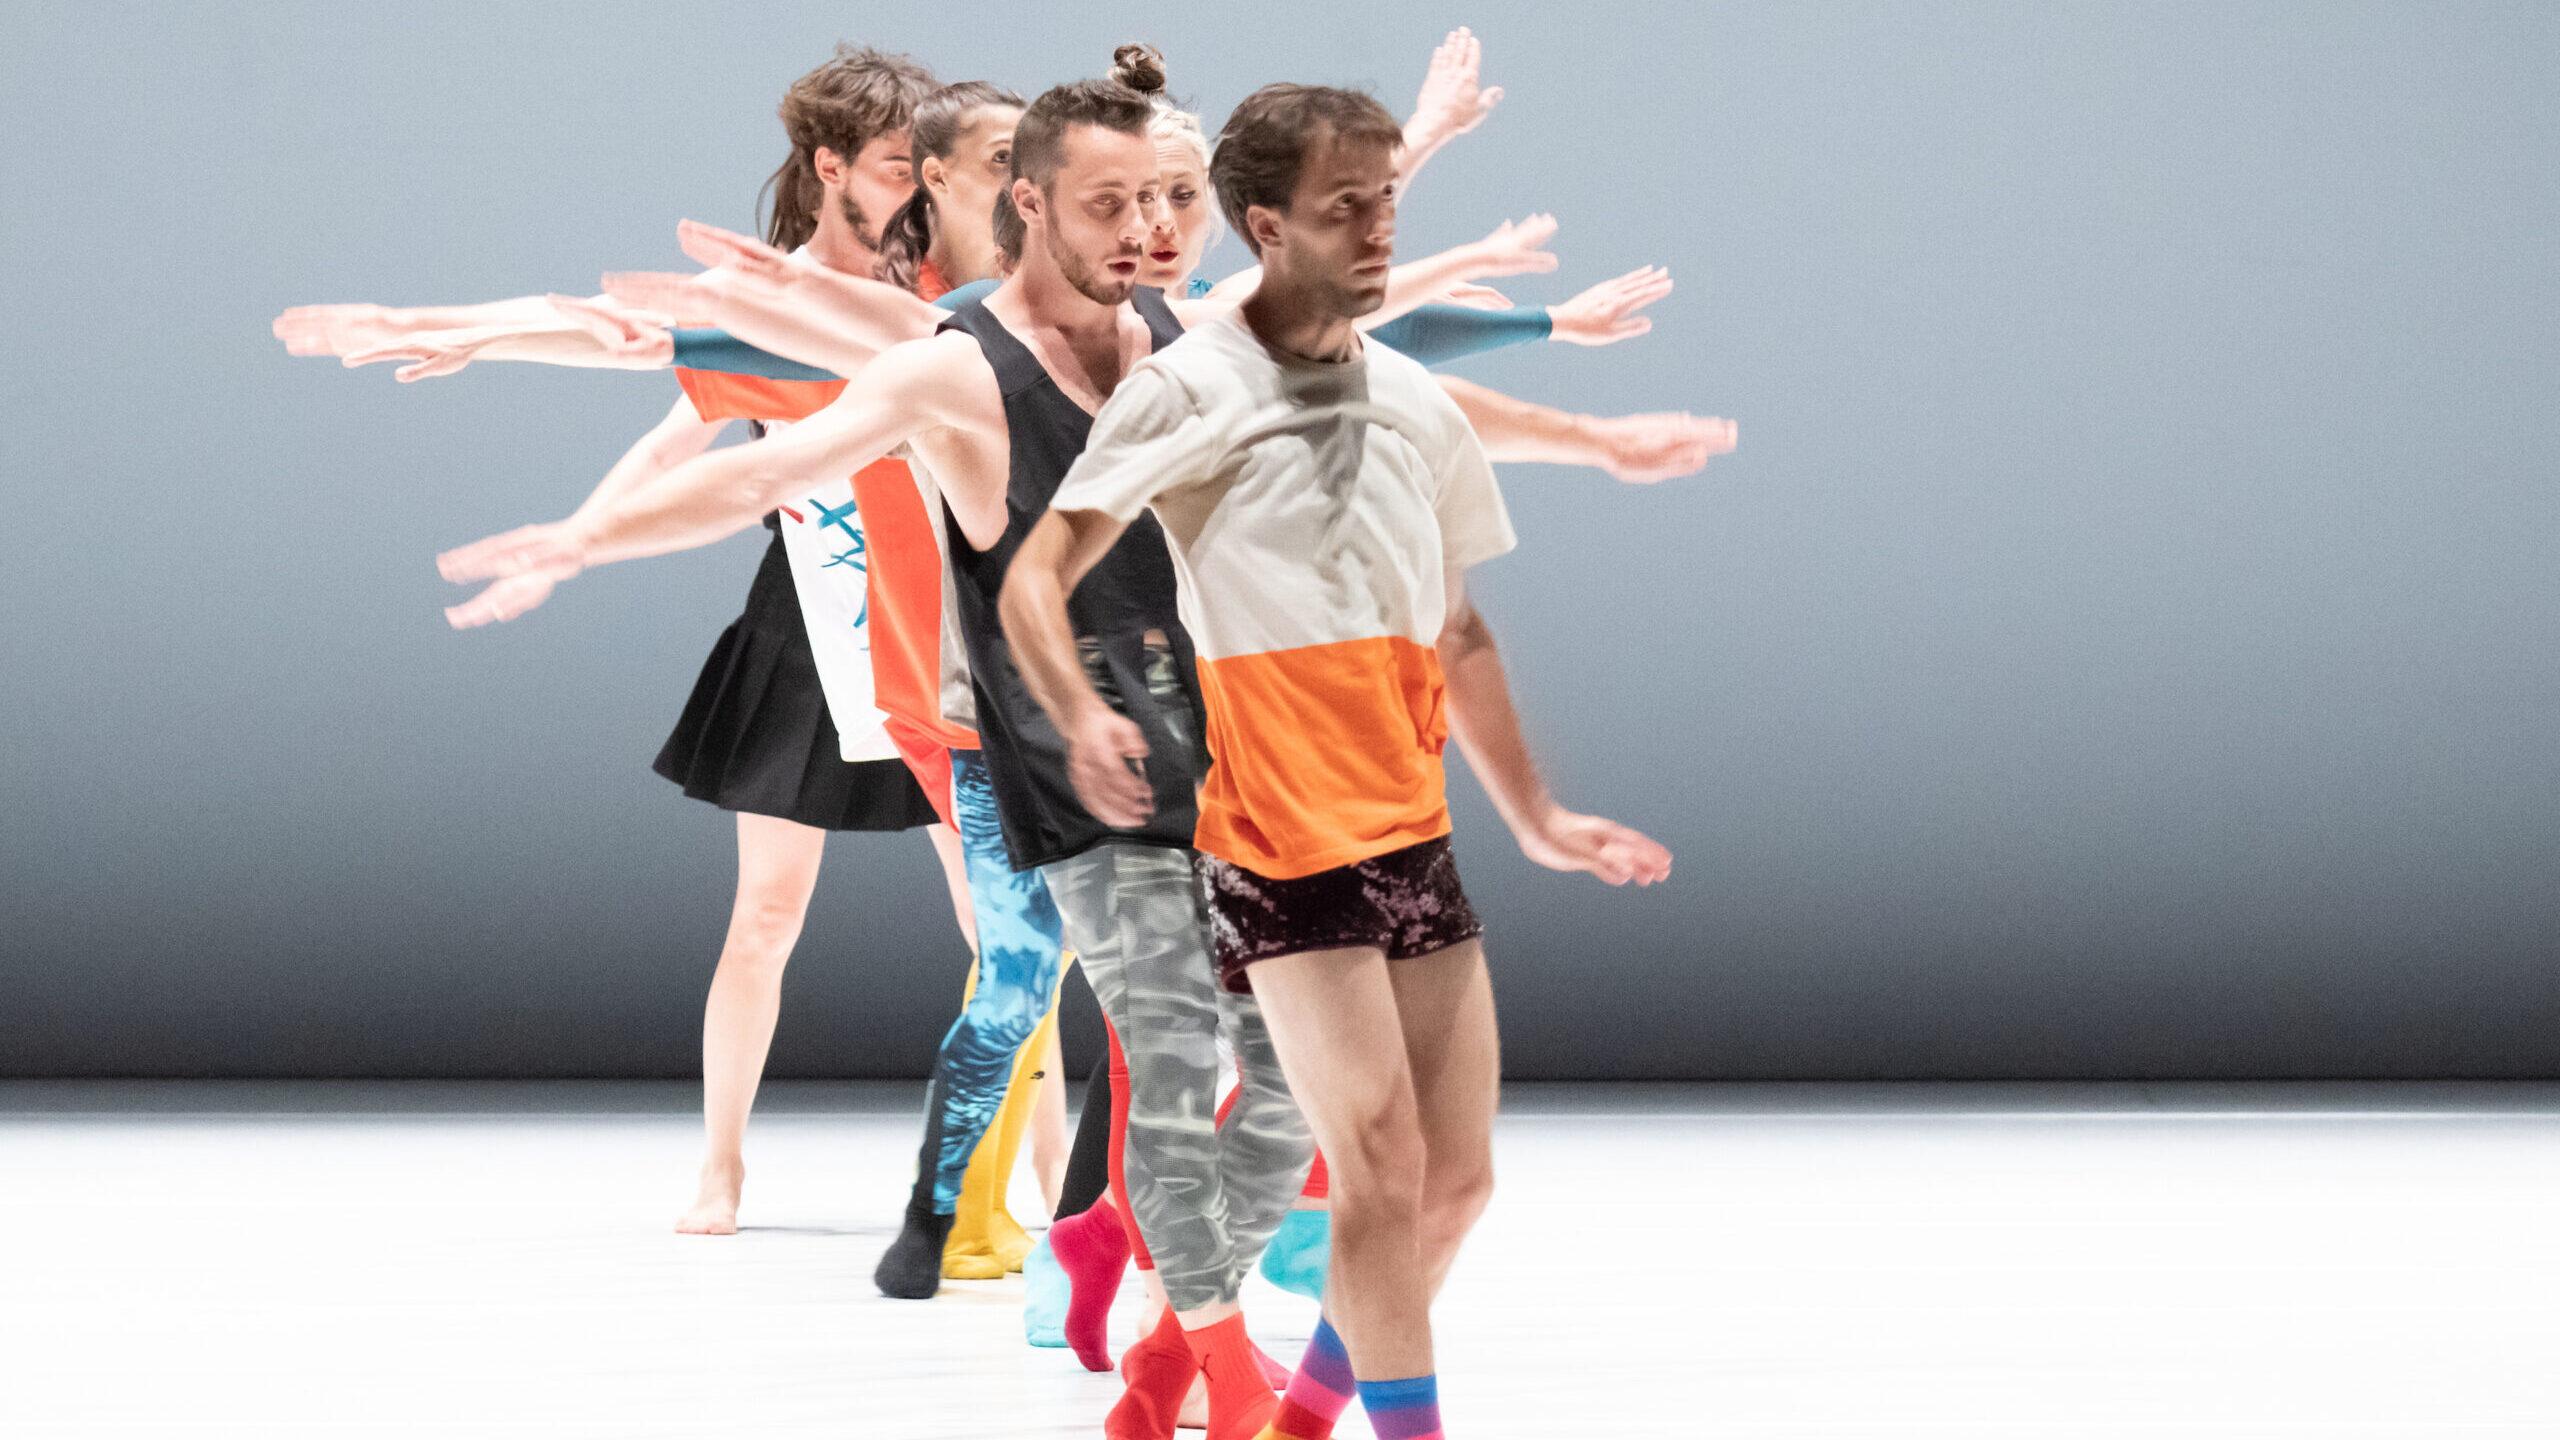 Dance, dance, dance: tra terrestre e digitale la nuova danza abita qui